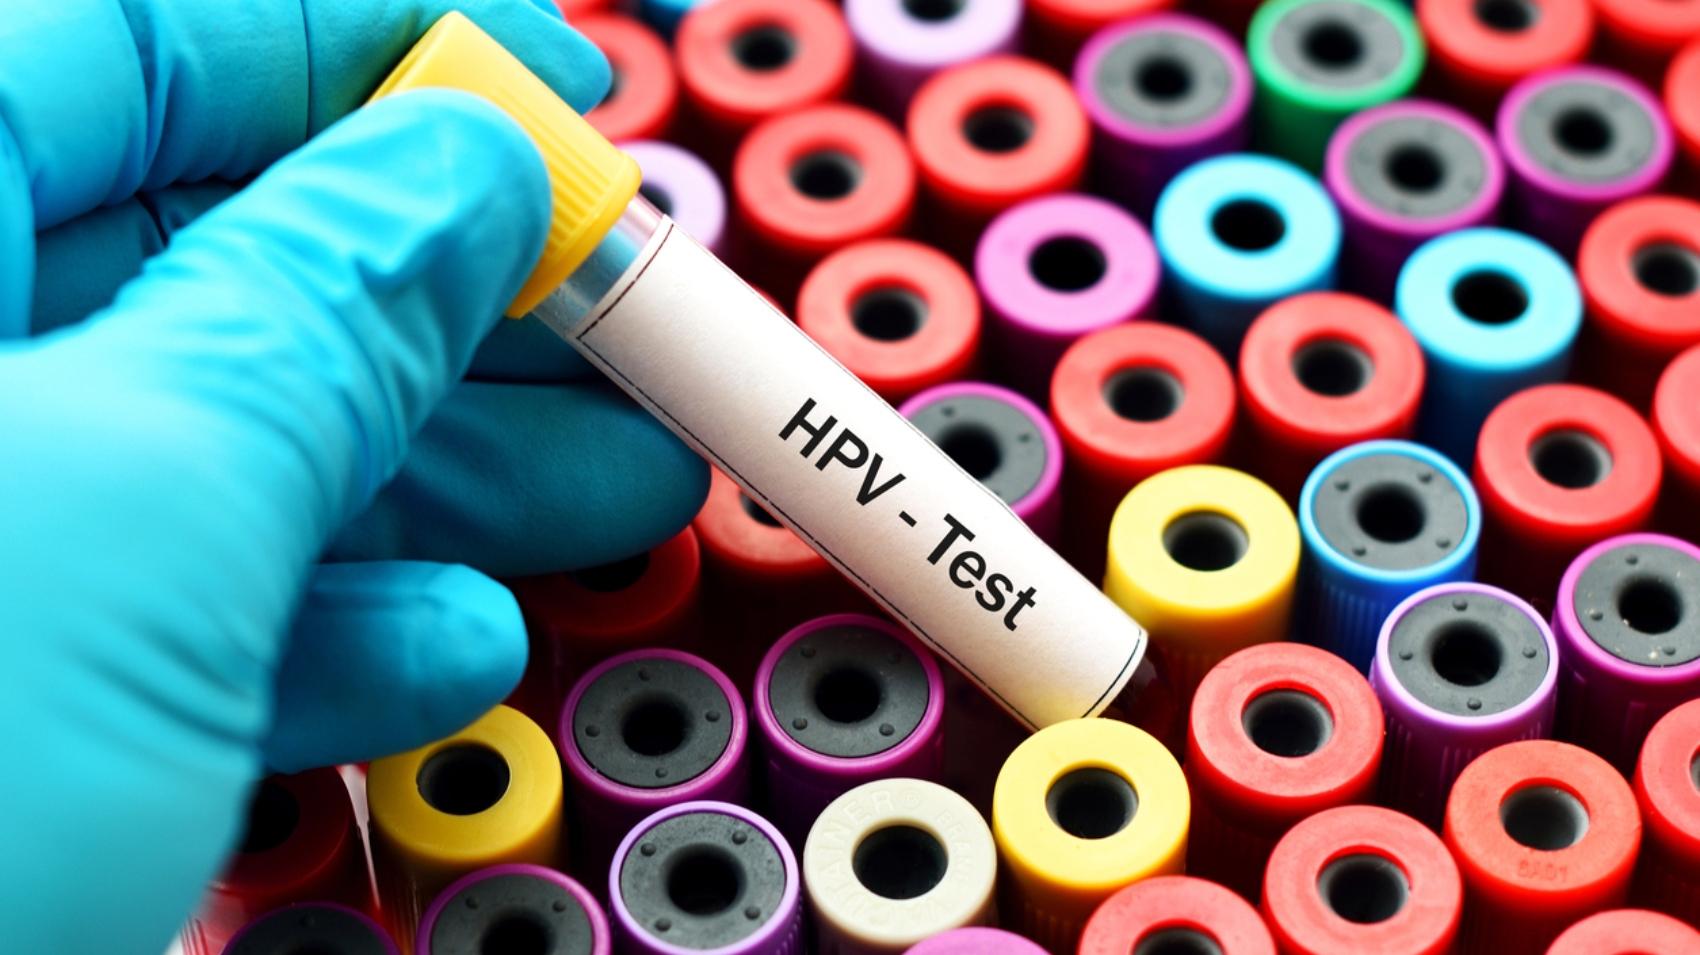 Test HPV dove puoi farlo e perché è uno screening importante